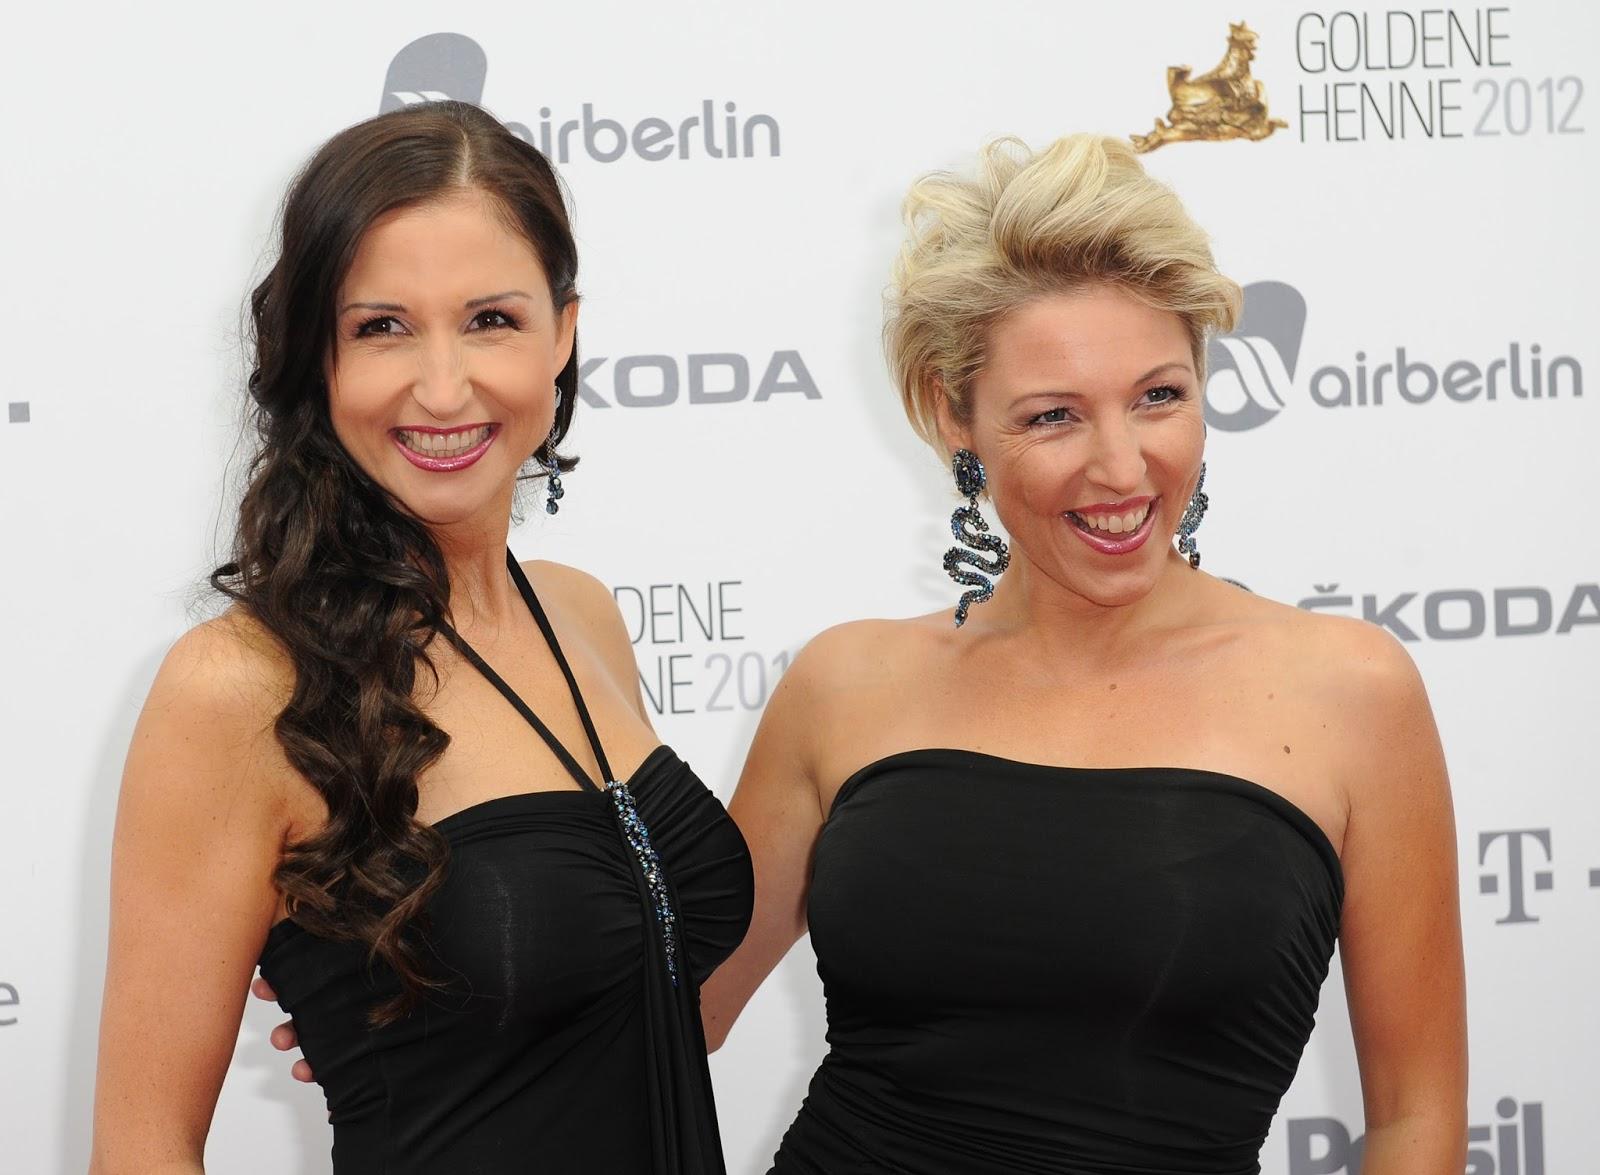 Geschwister Hofmann Cute HQ Photos at Goldene Henne 2012